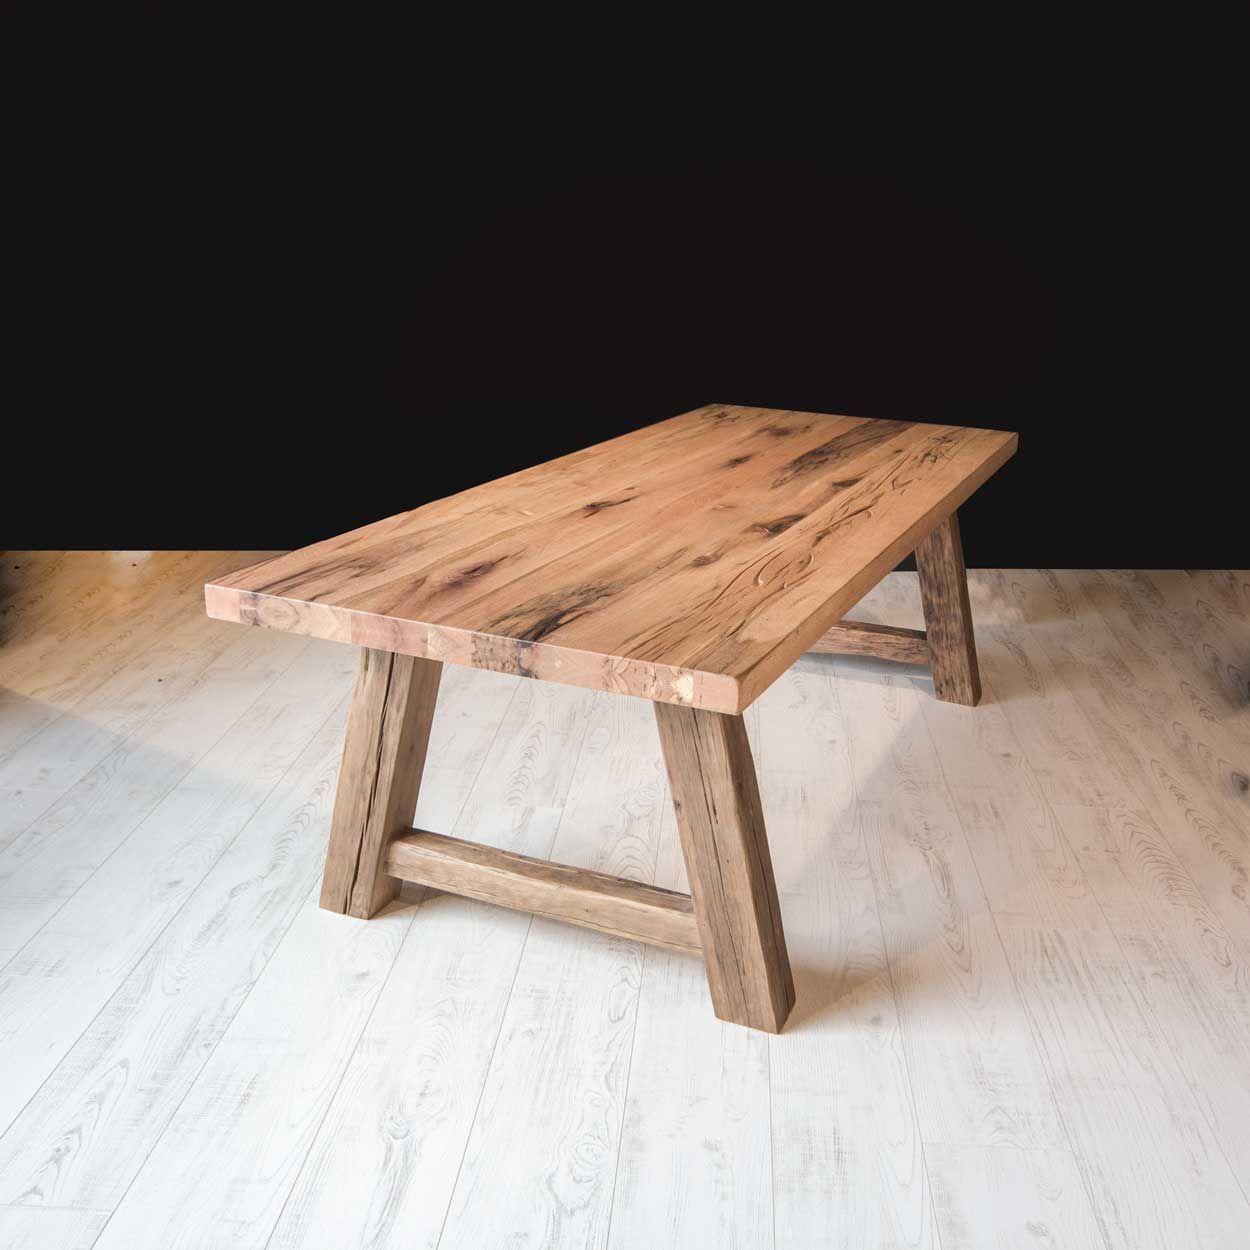 Goede Robuuste tafel Rustiek Eiken Eettafel met A-Poot   Eettafel TS-66